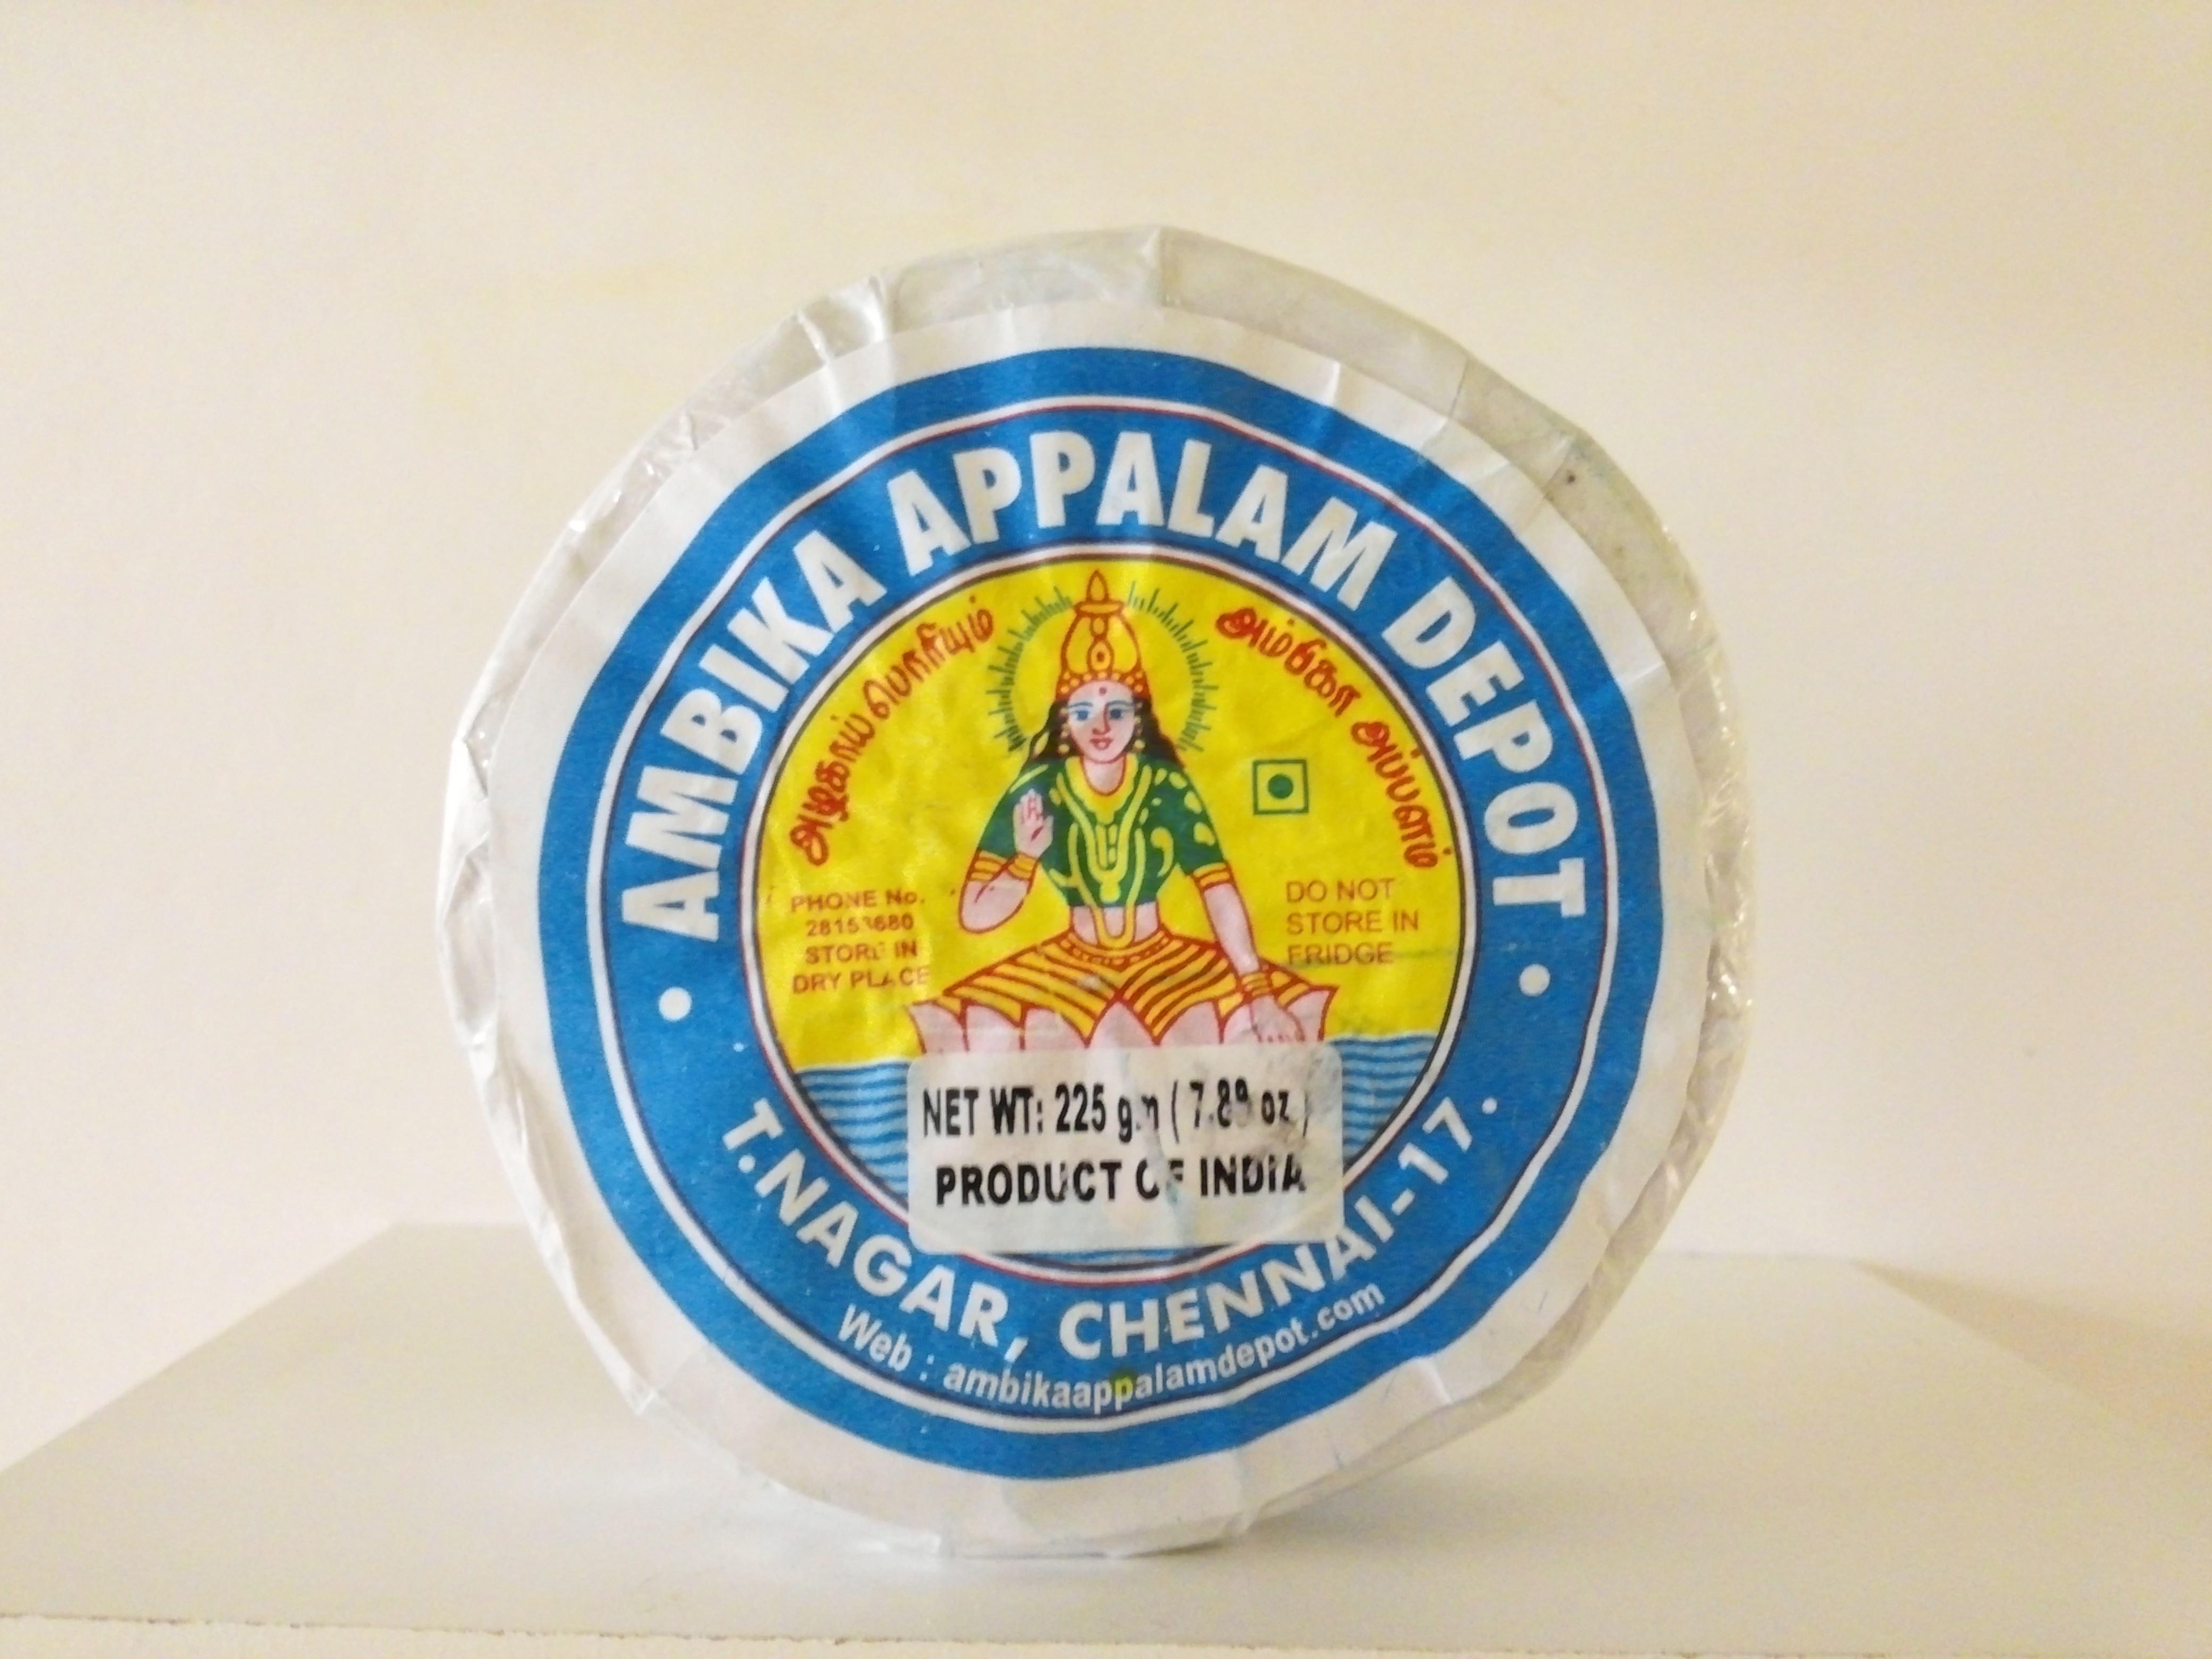 Madrasi Papad (Ambika) 7.88 oz